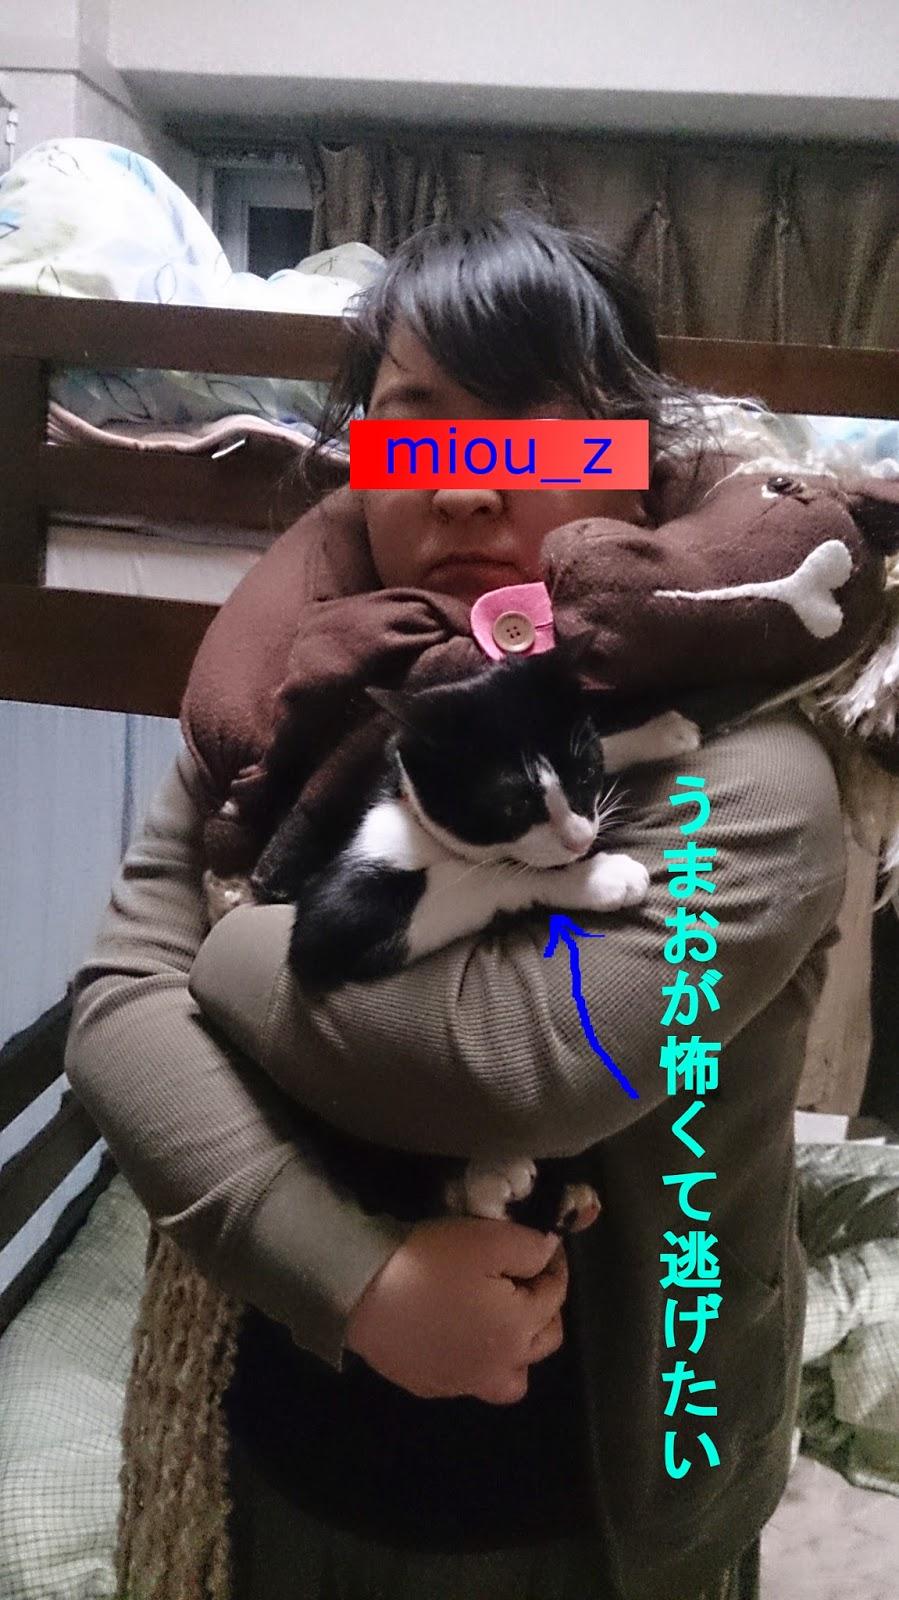 miau_zumao3.jpg